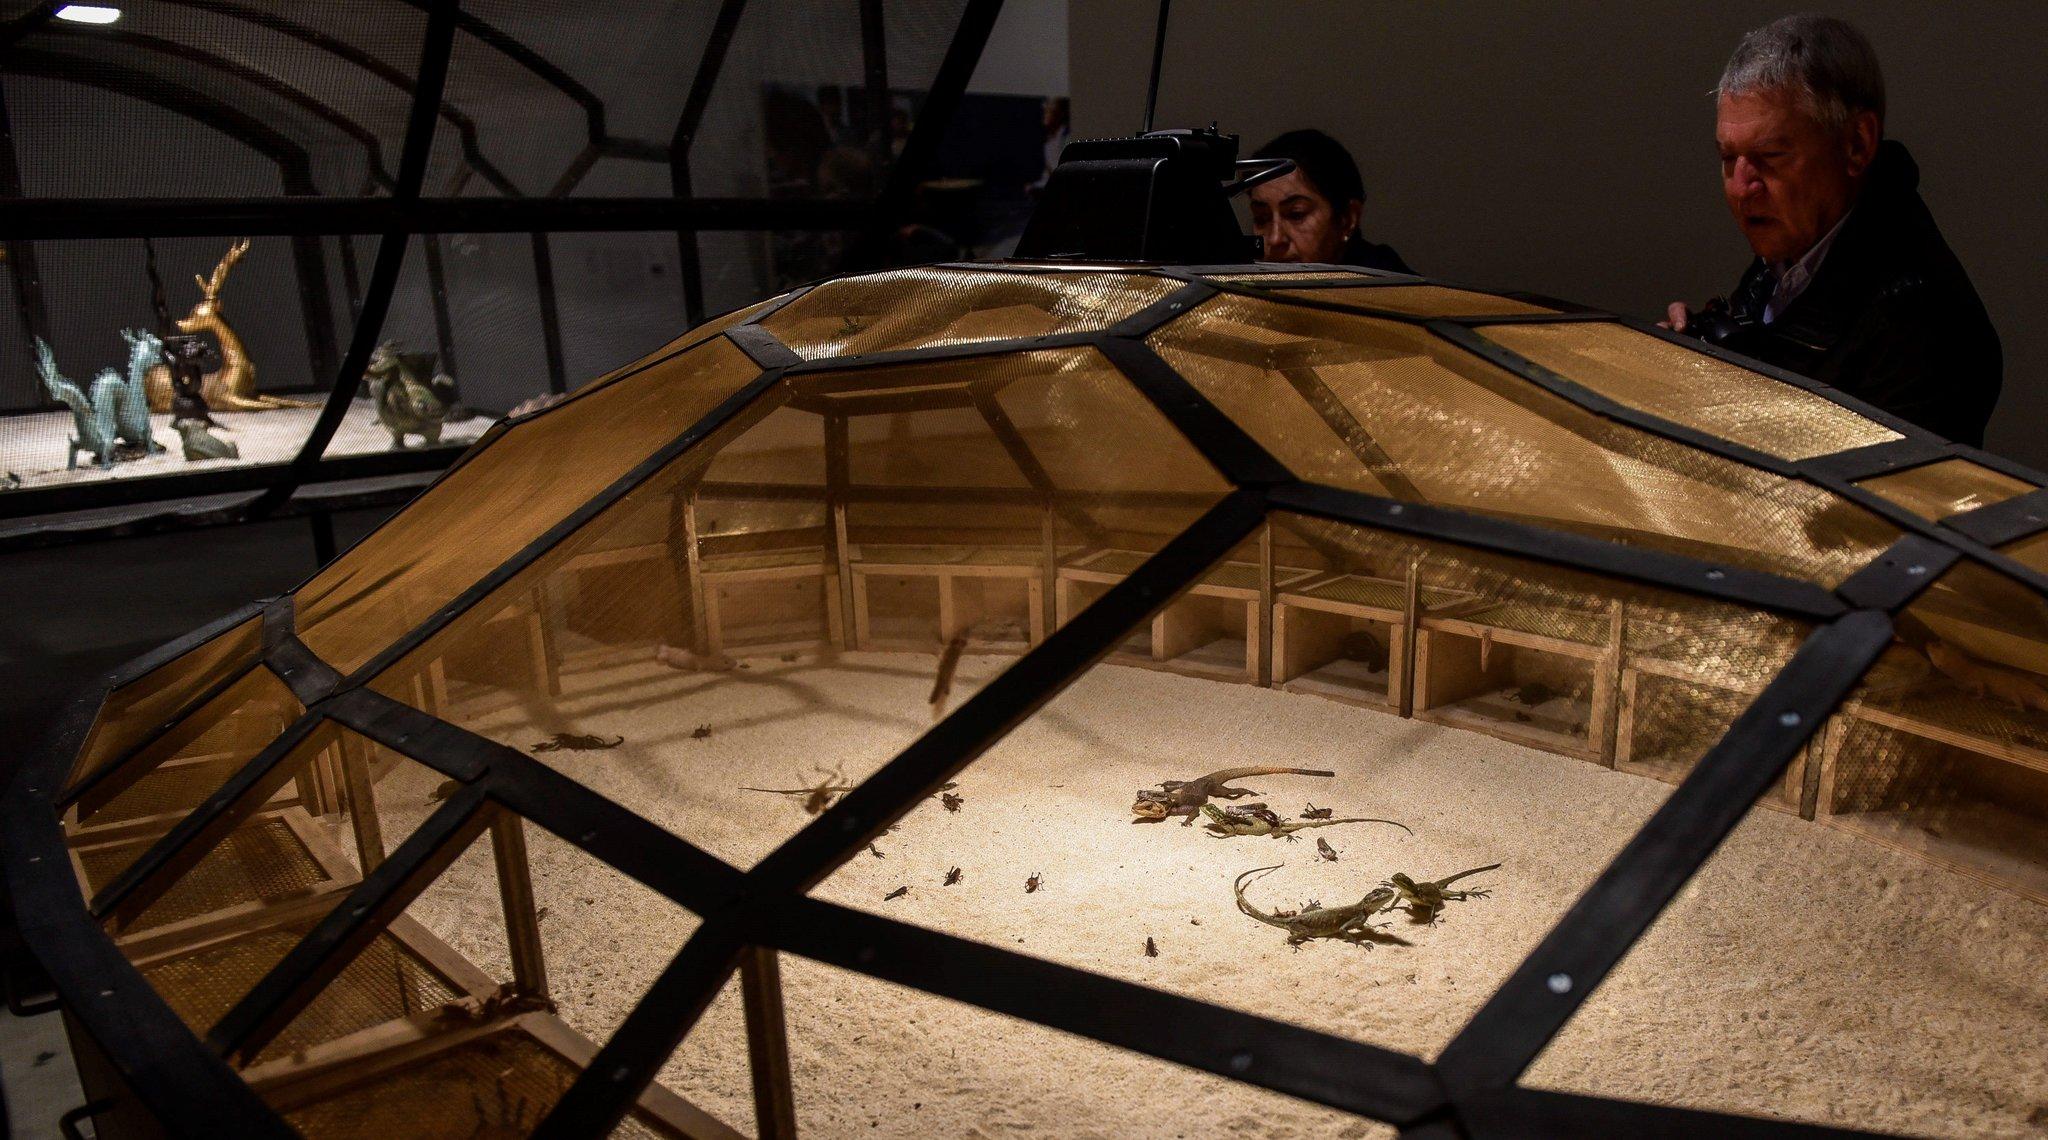 Varios pequeños insectos y reptiles en la exposición.